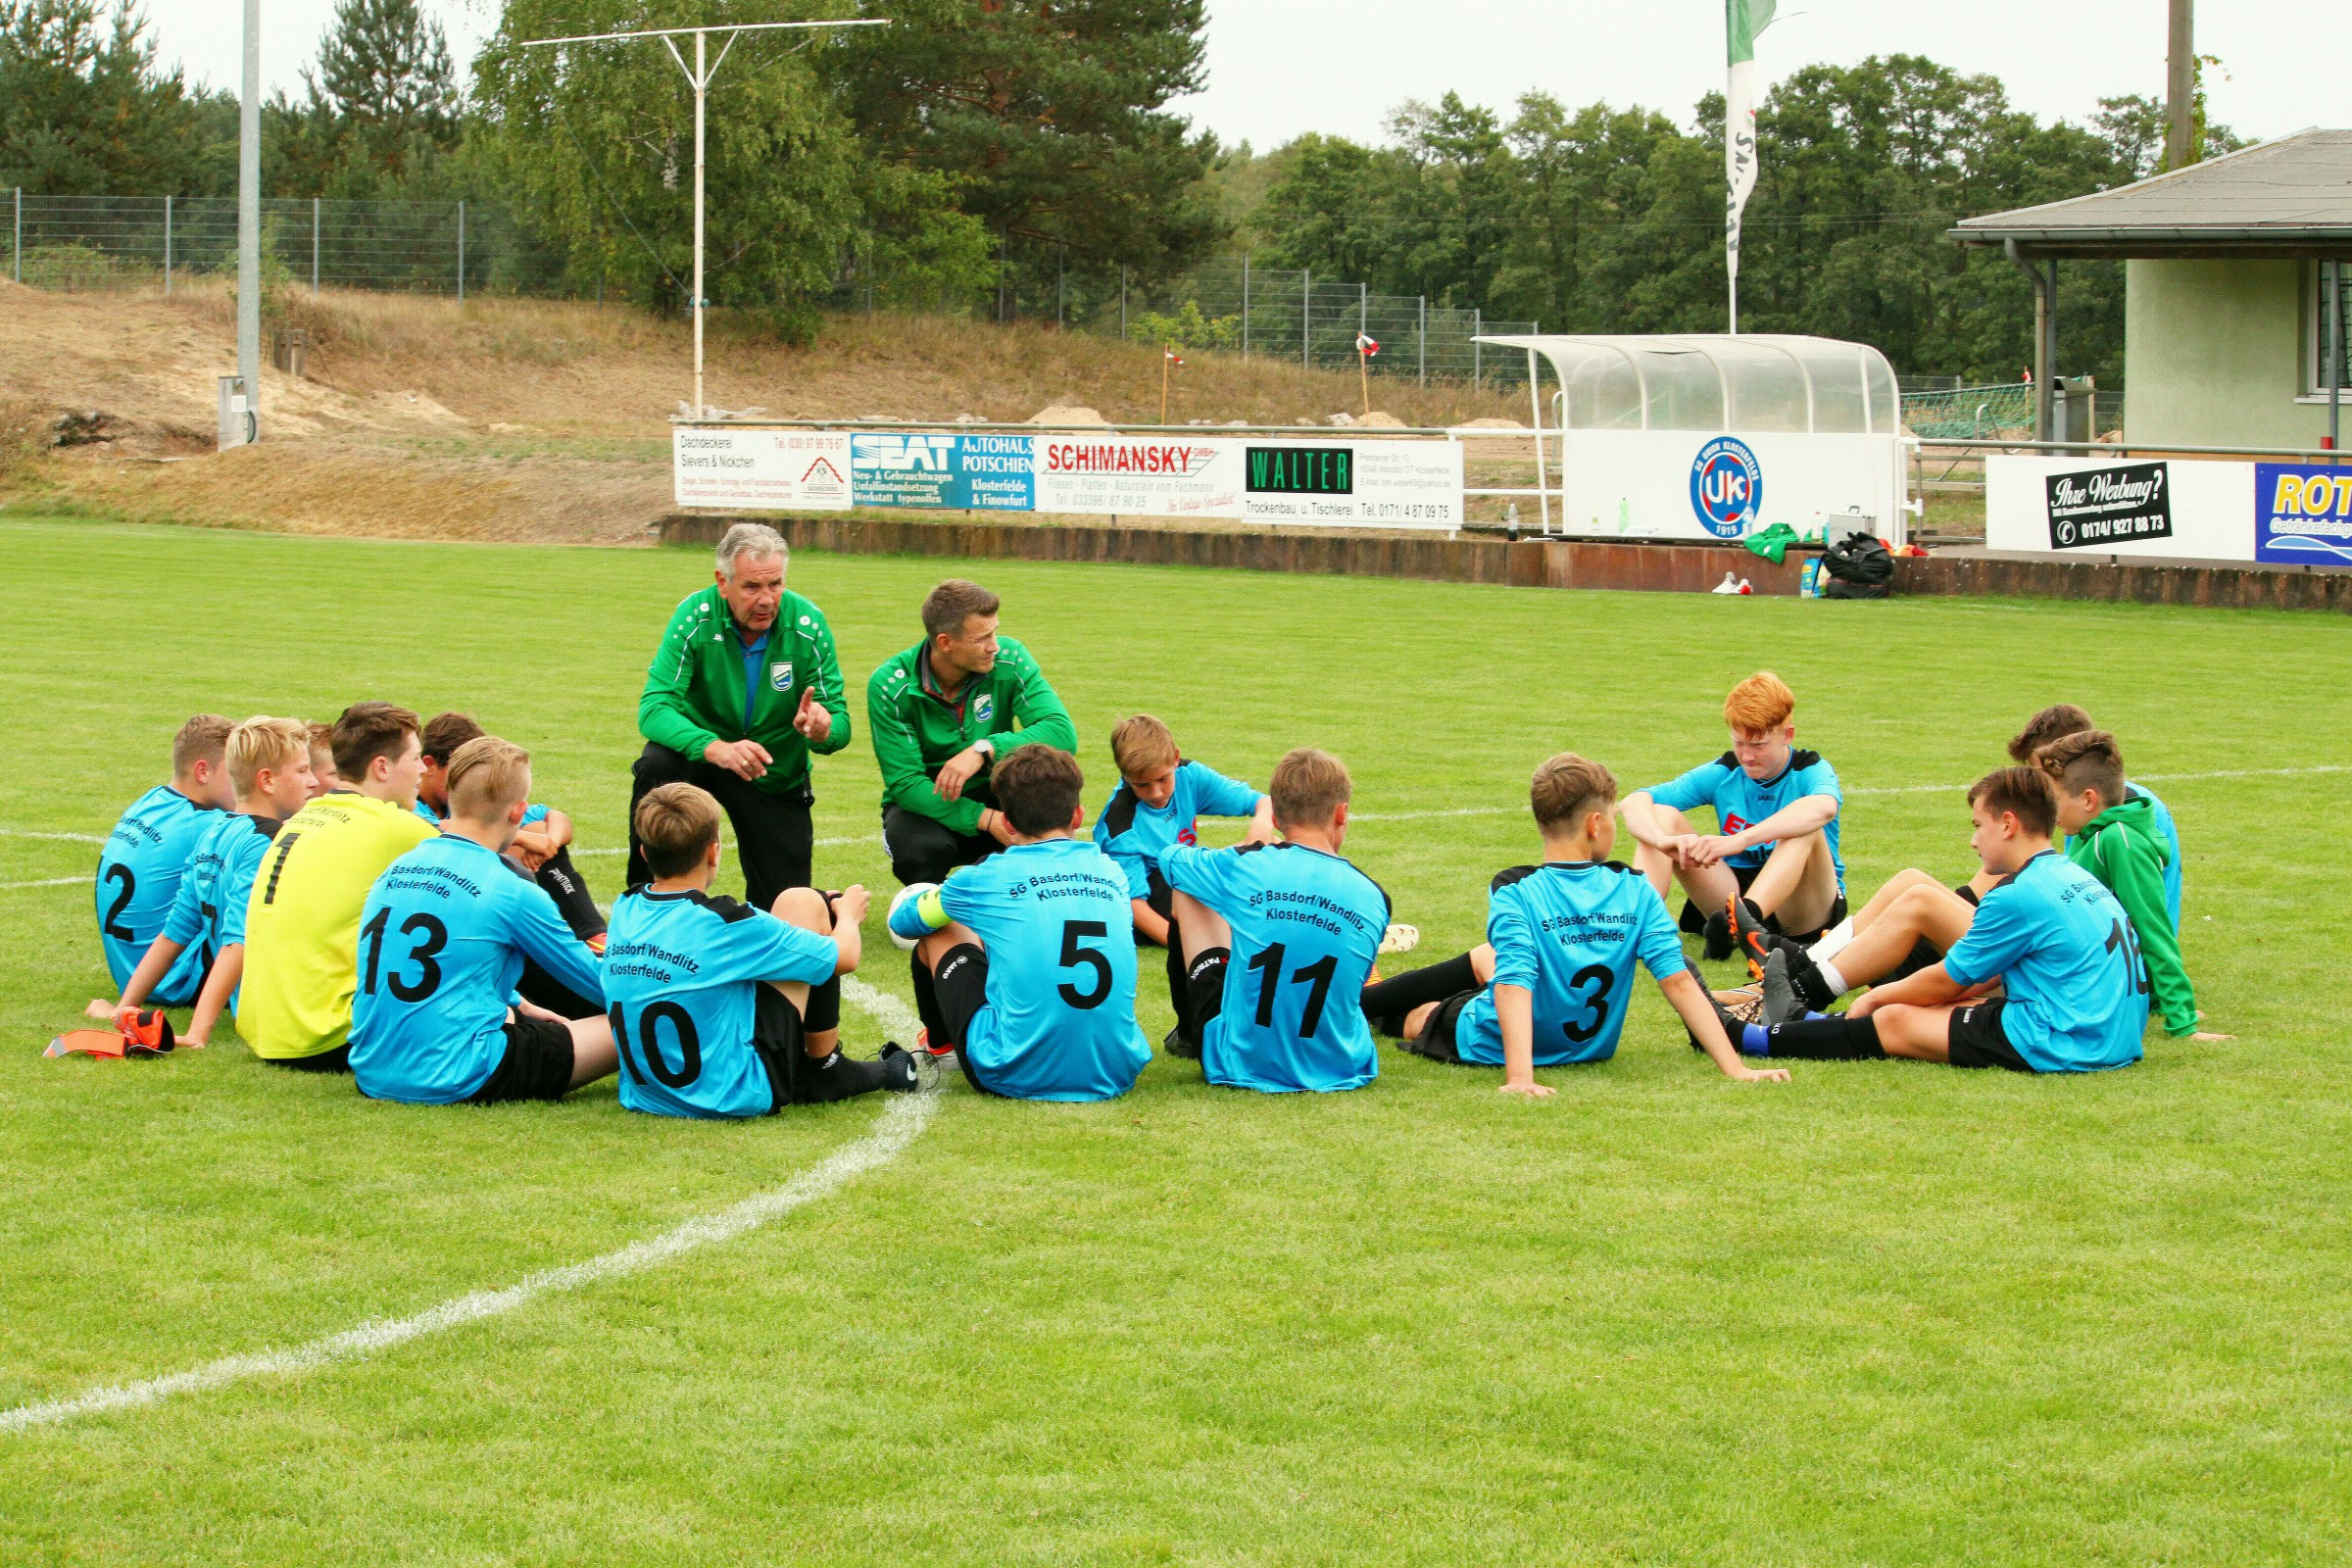 20180902 Punktspiel C1-Junioren Landesklasso Ost gegen Grün-Weiß Brieselang 6-0 Erfolg (73)